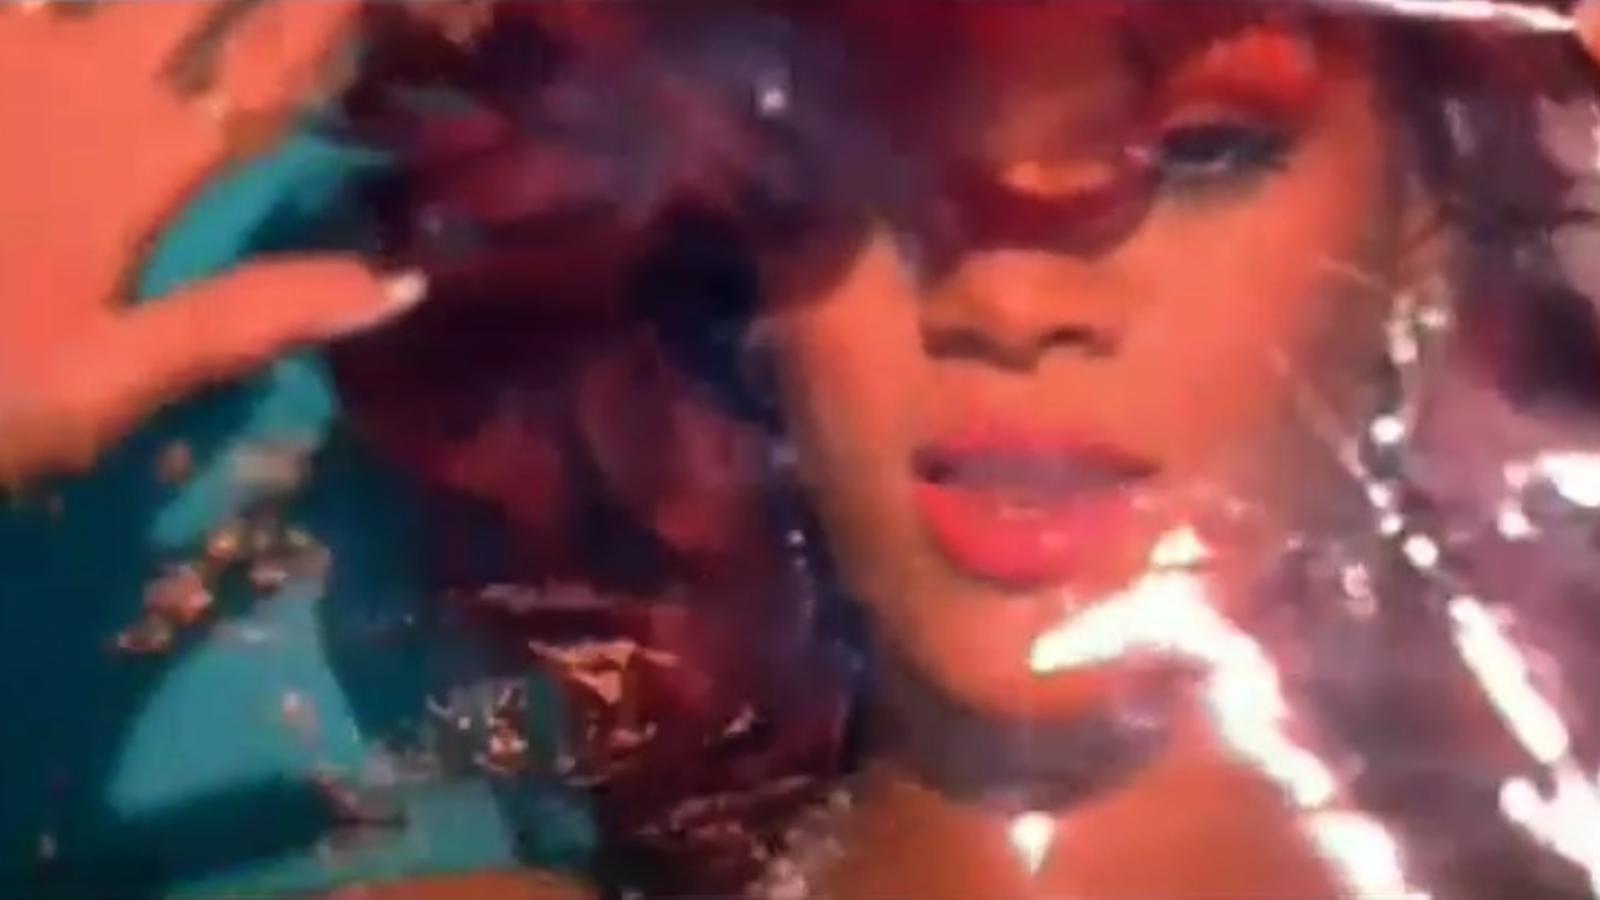 Vídeo oficial de S&M, de Rihanna